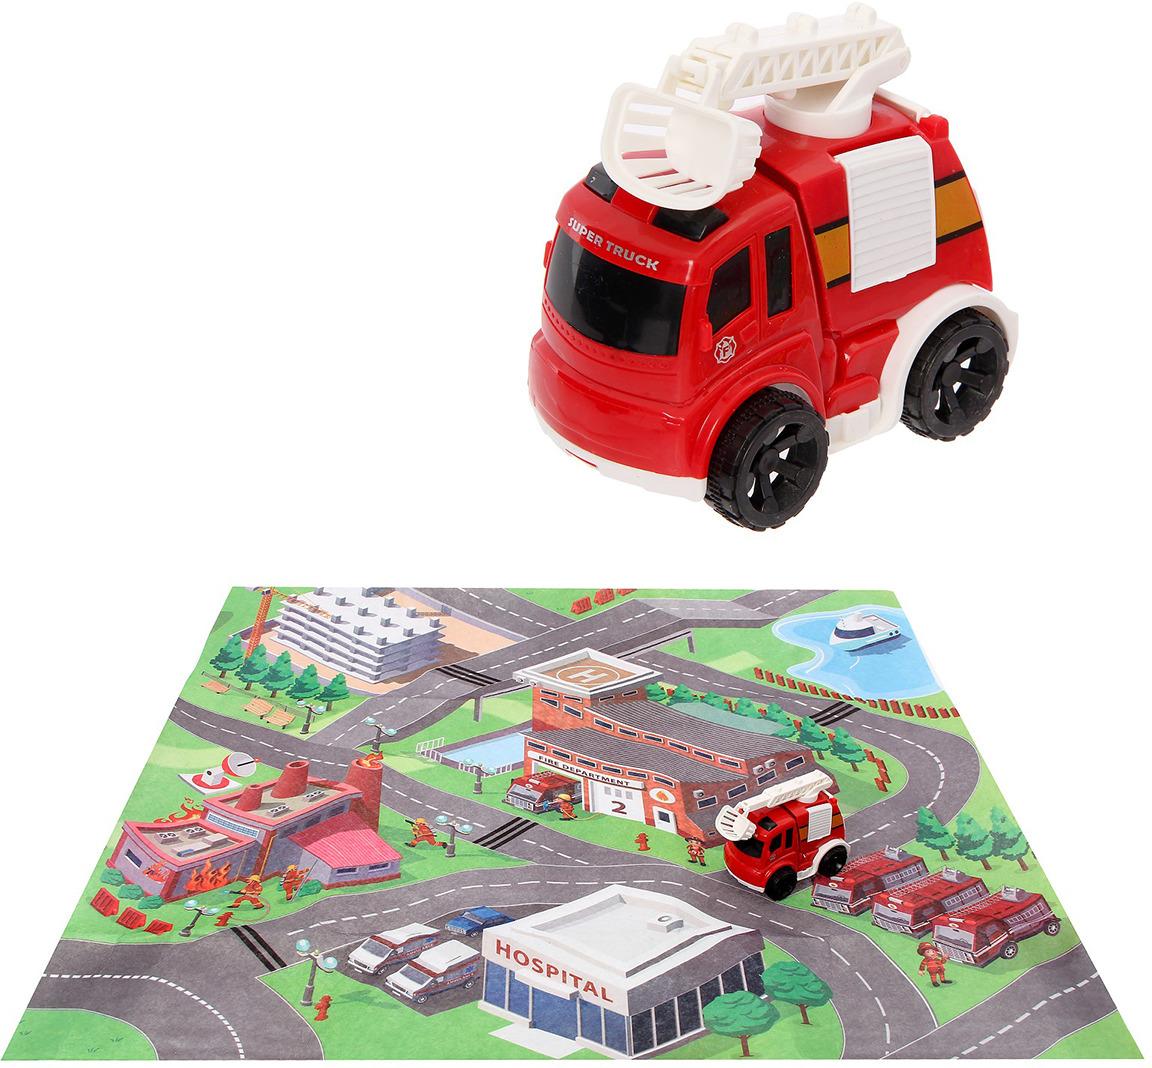 Игровой набор игрушек Пожарная служба, с игровым ковриком и инерционной машиной, 2611582 игровой набор klein автосервис bosch с машиной для сборки